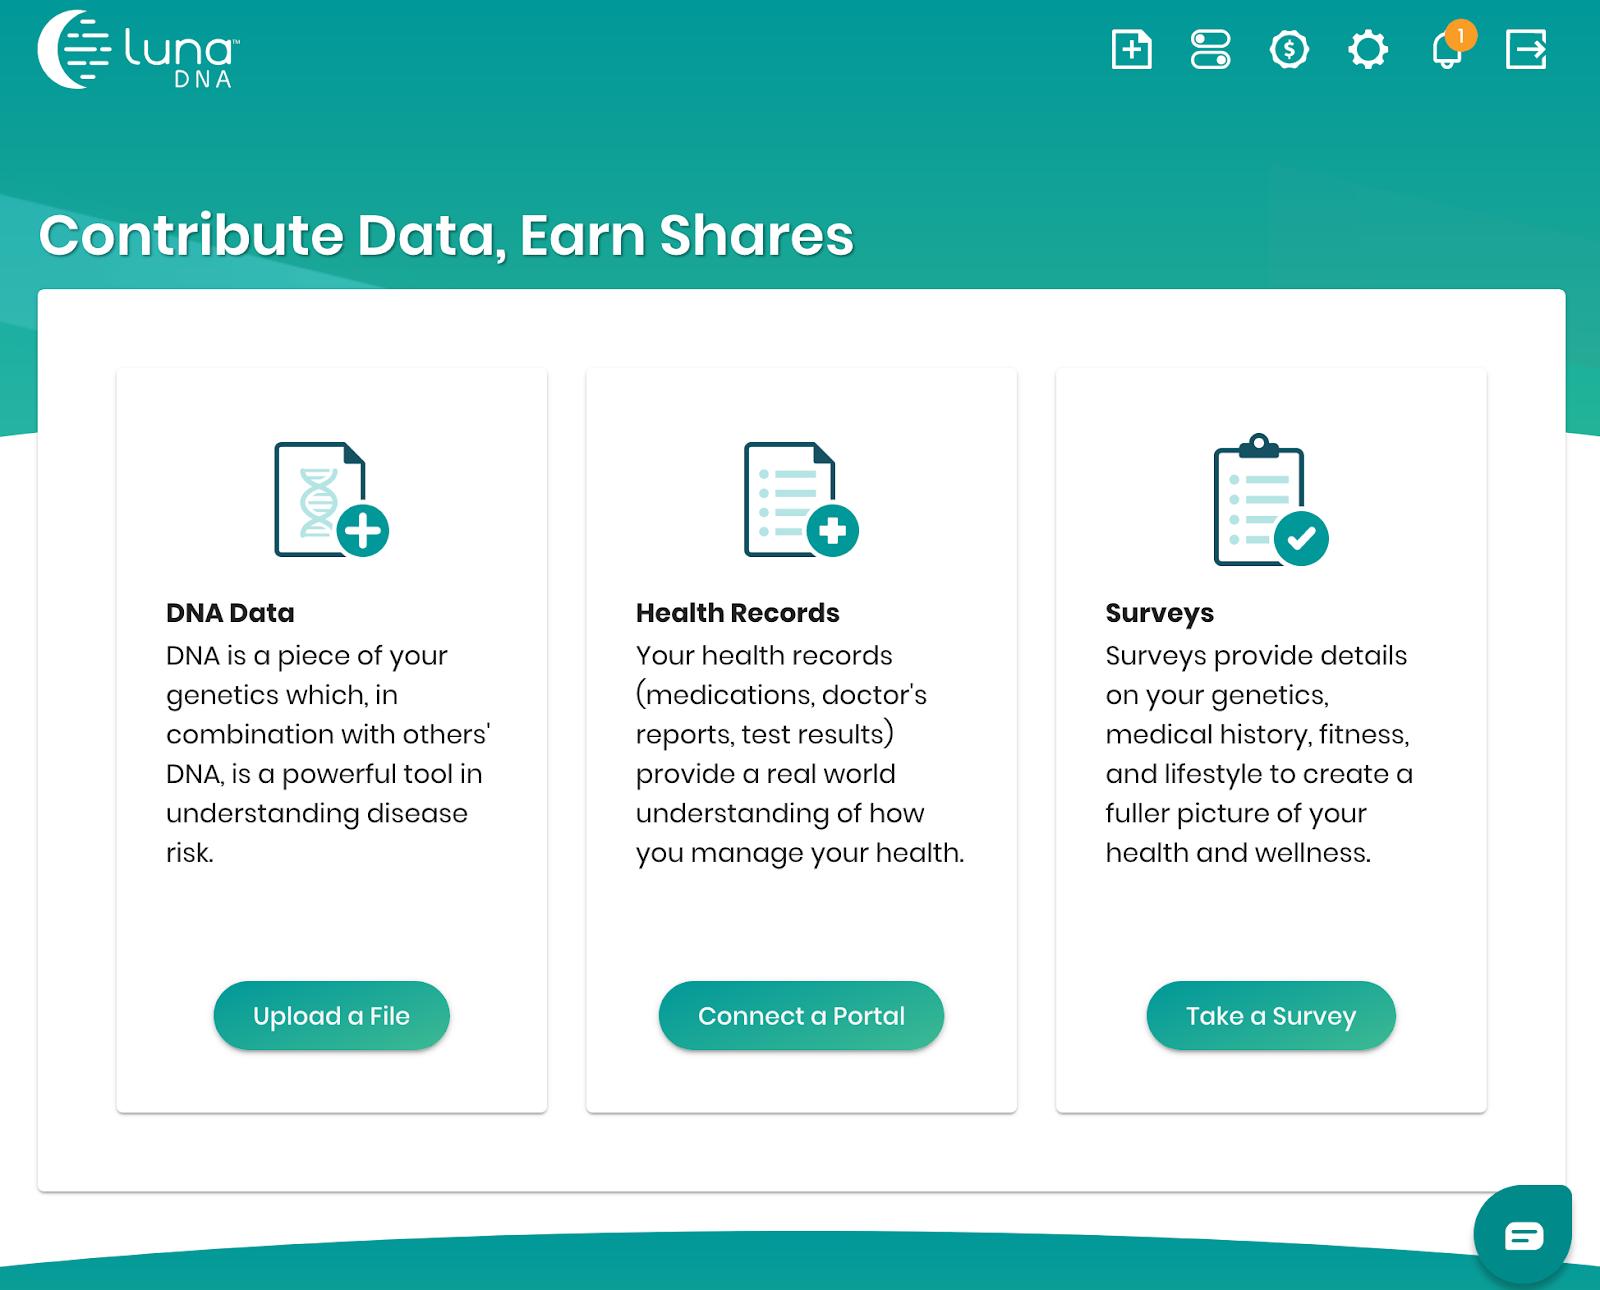 Optionen für den Datenaustausch, um Aktien zu verdienen.